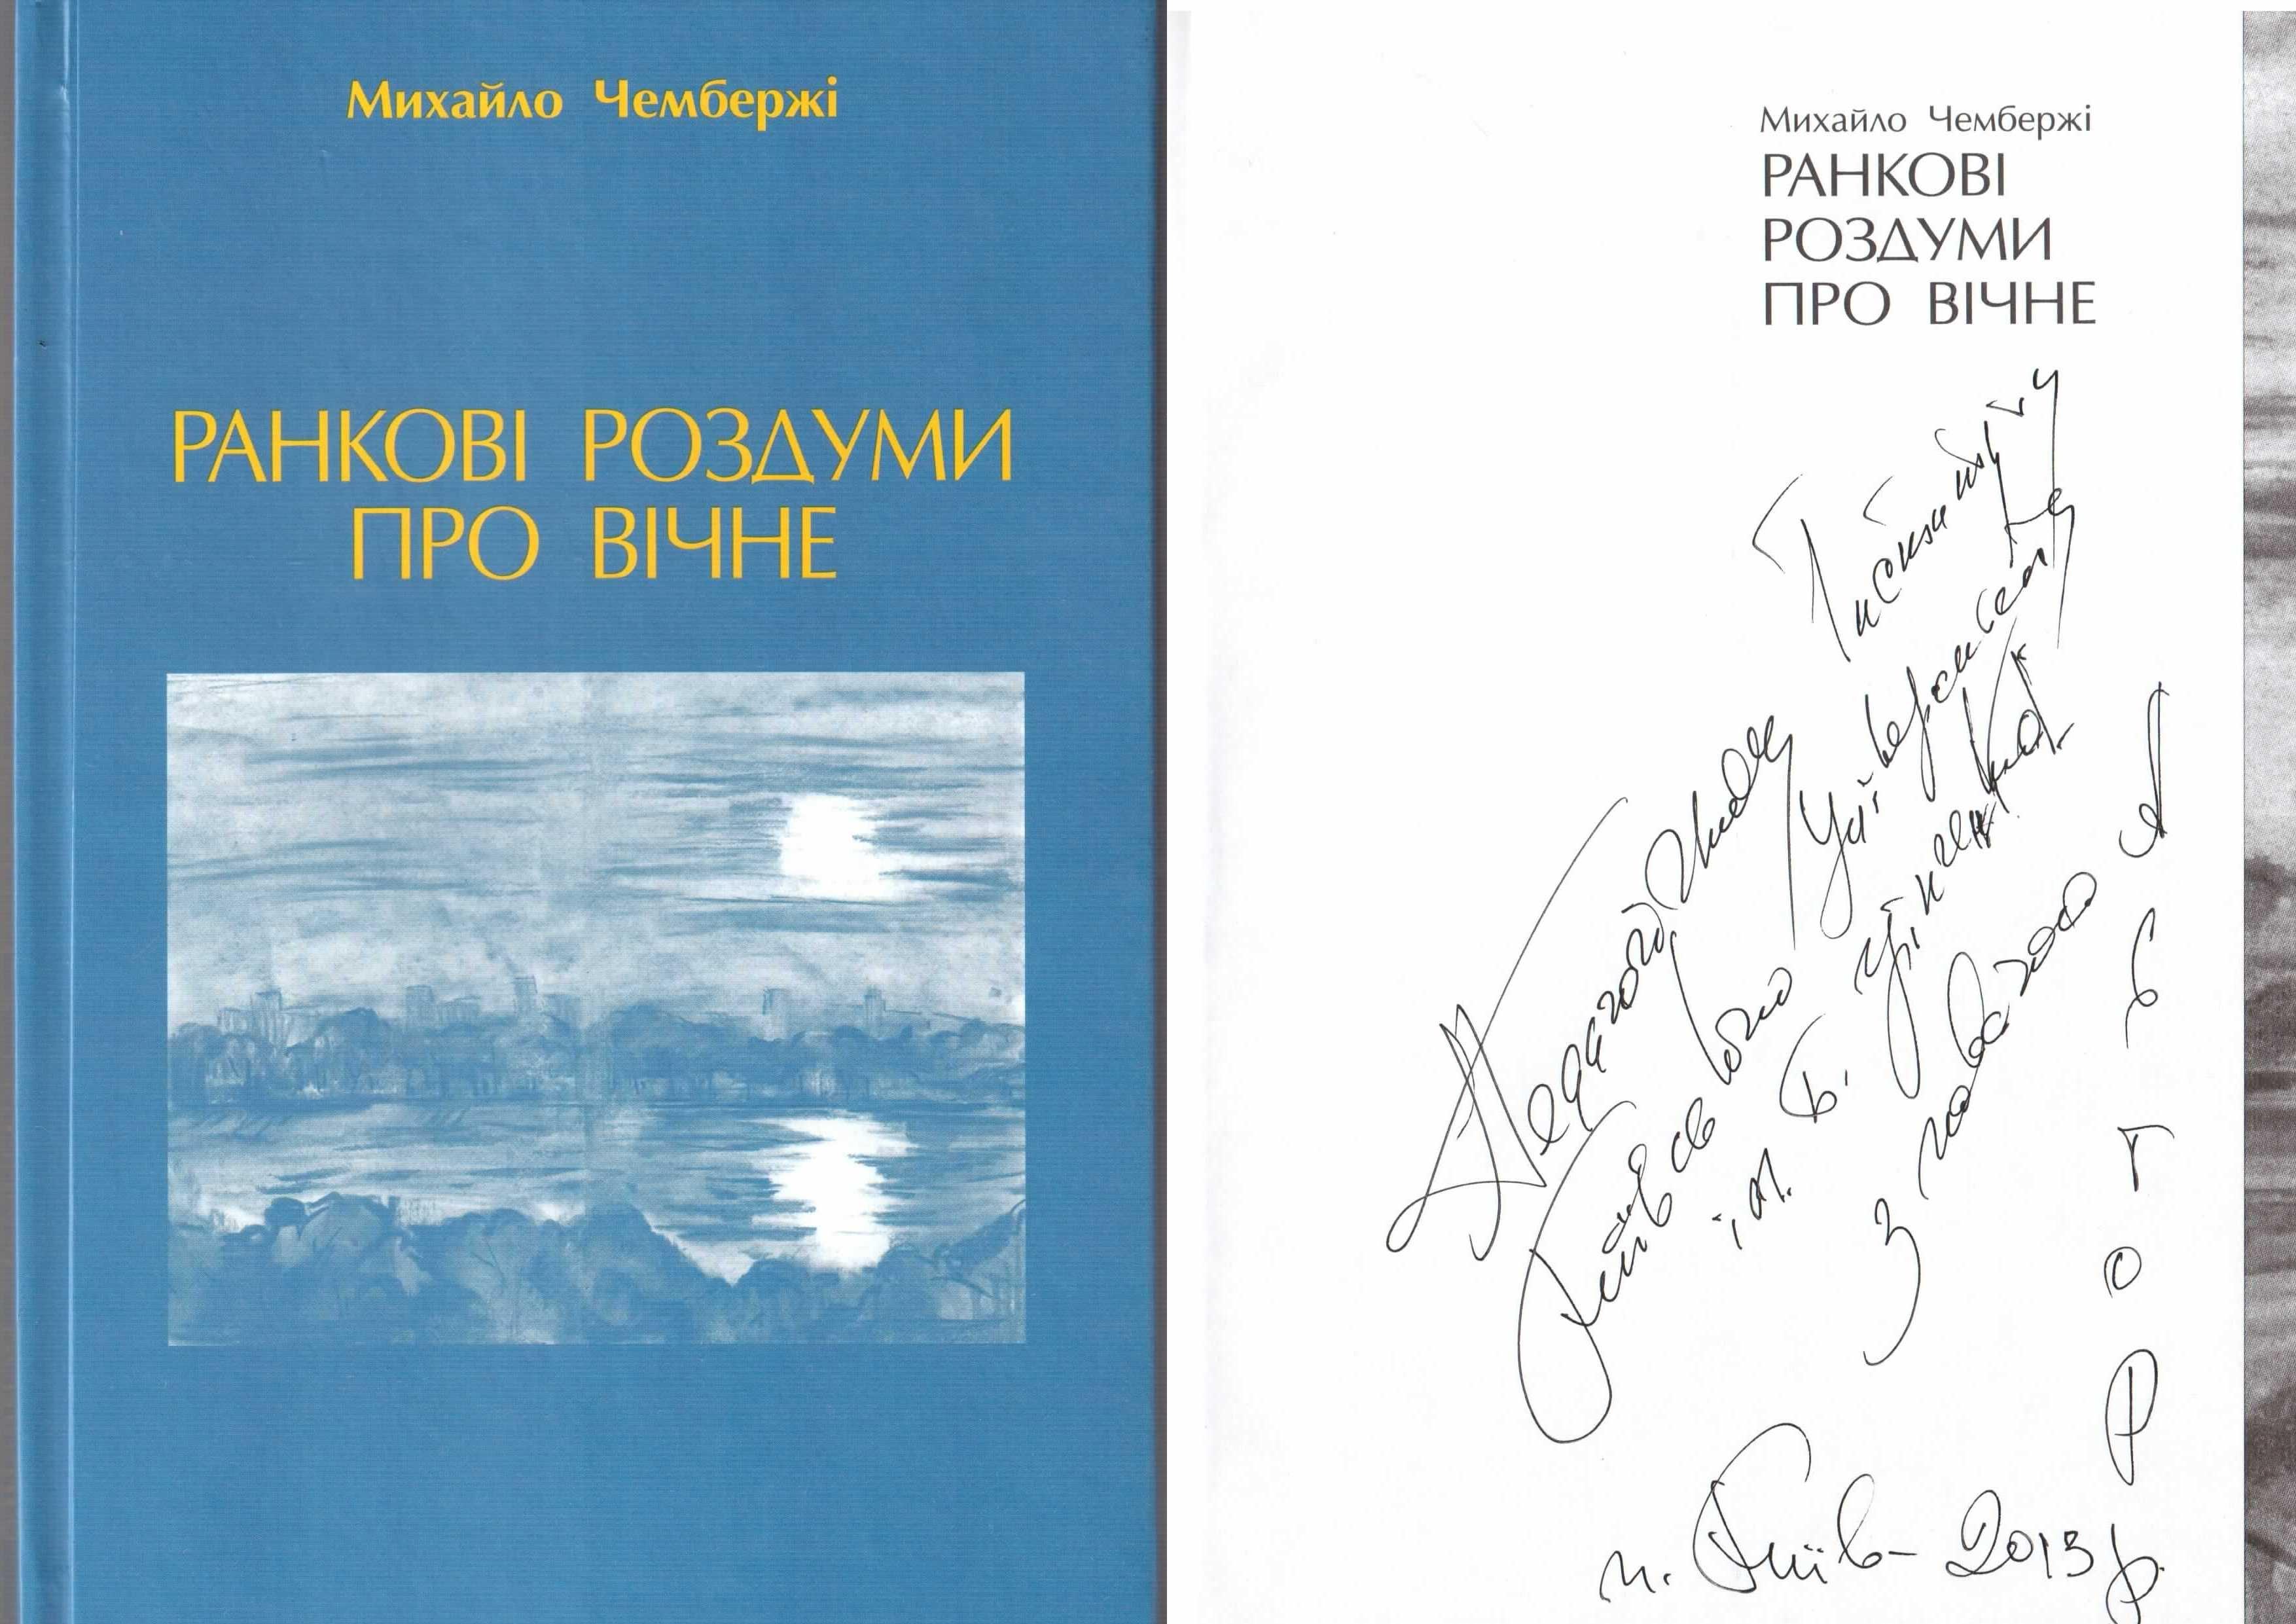 Київська дитяча академія мистецтв